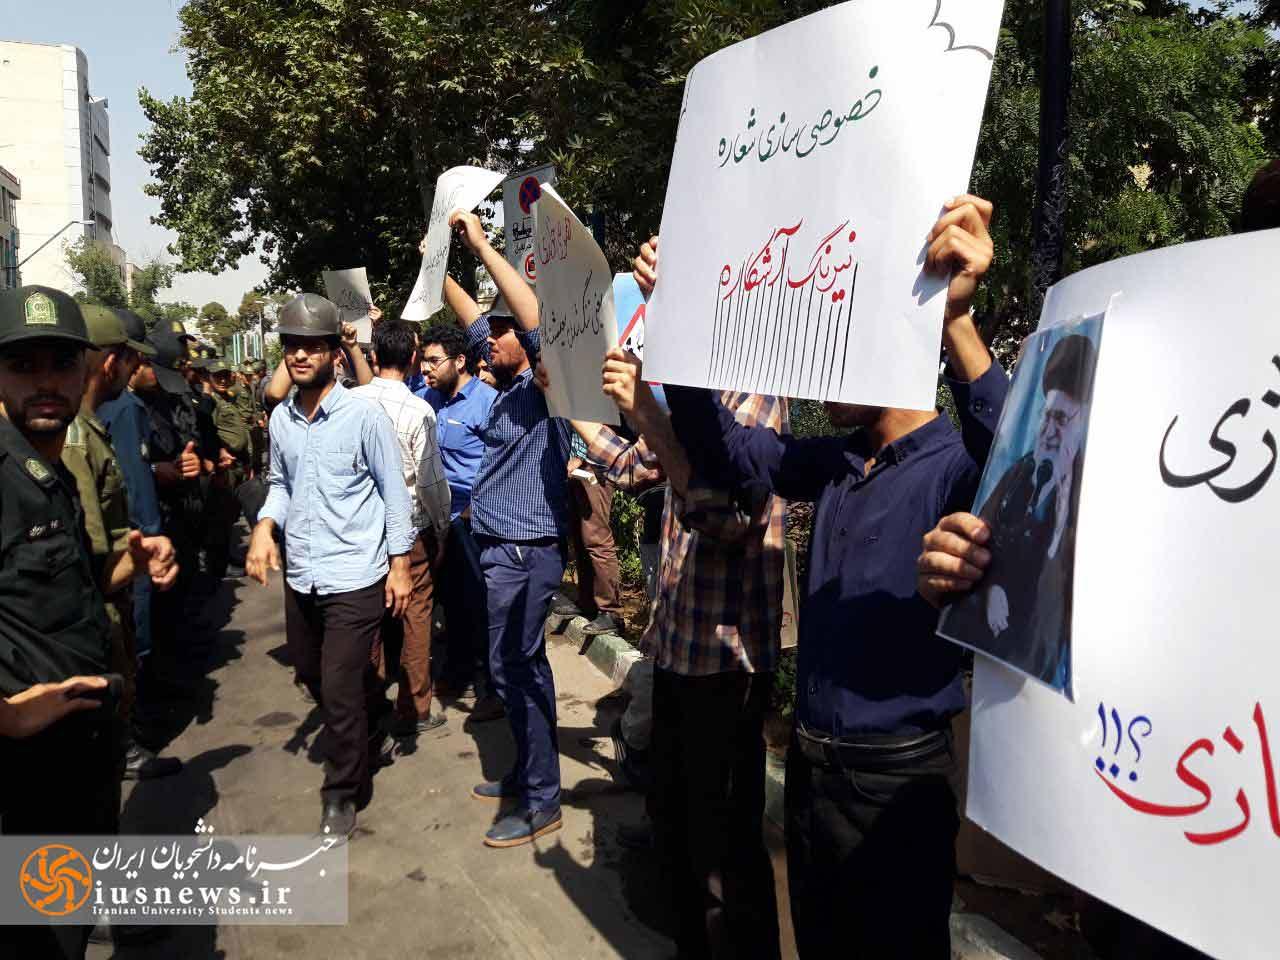 تکاپوی قدرت سیاسی برای استحاله جریان مطالبهگری کارگران